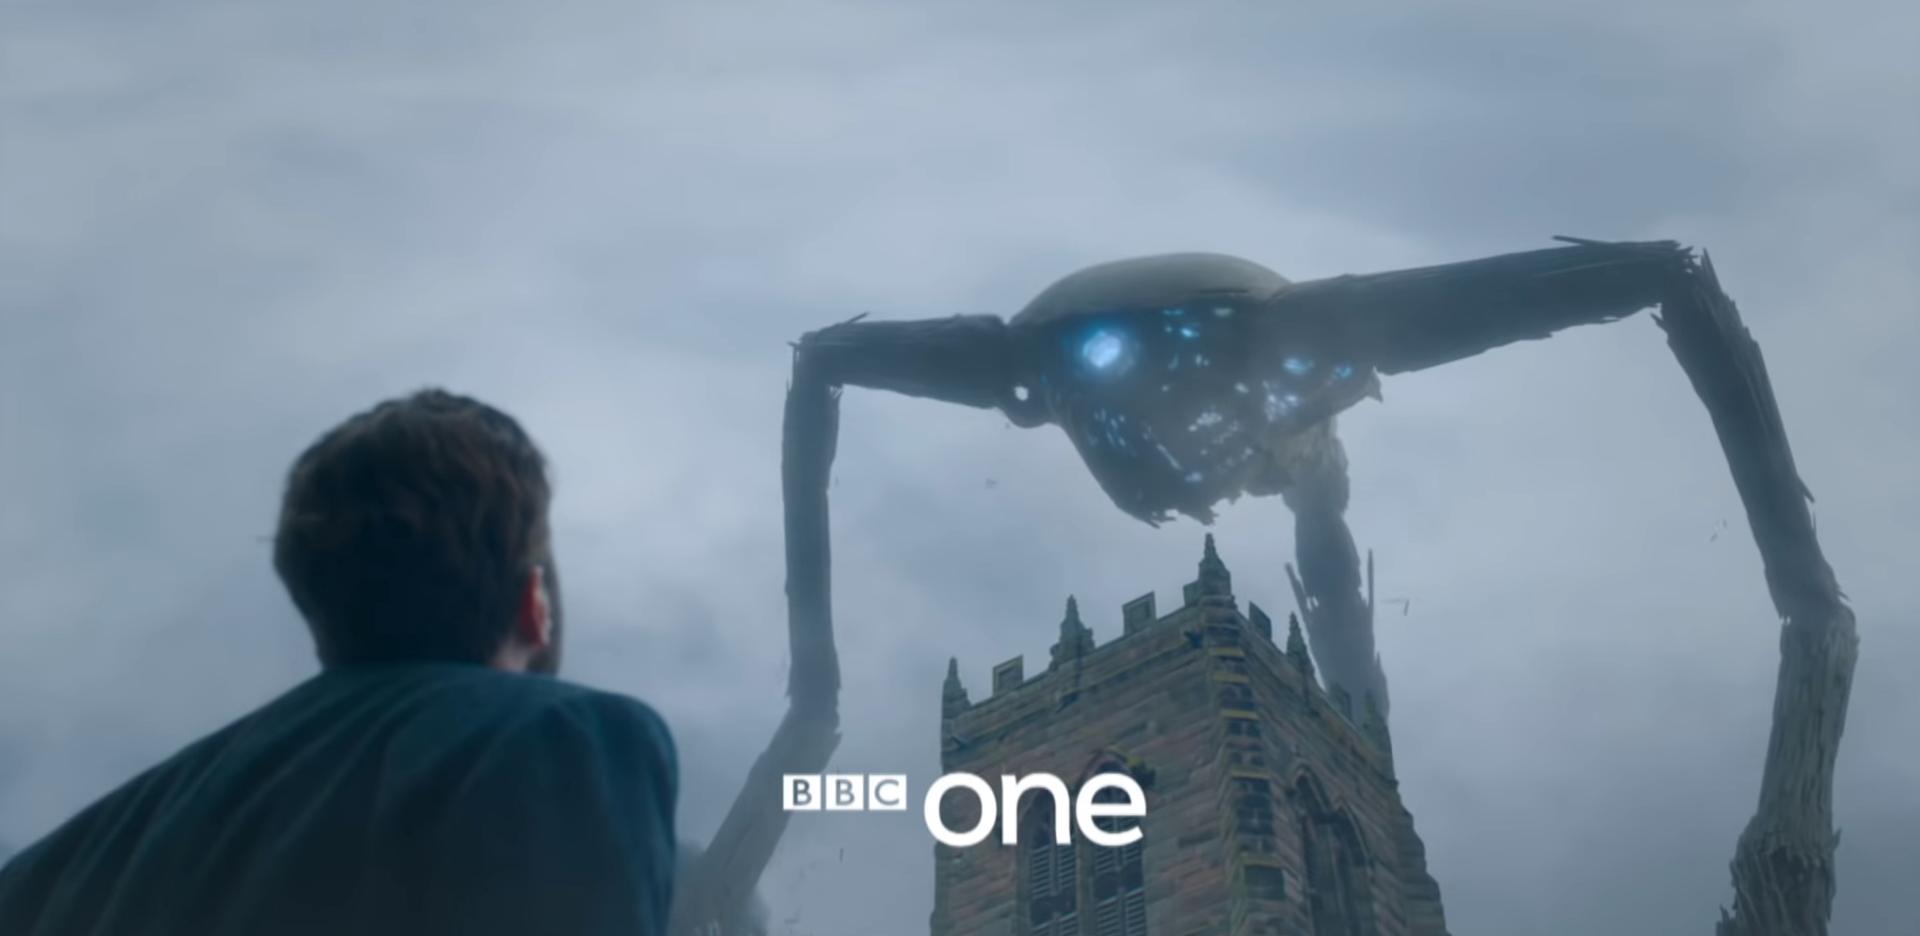 經典科幻名著全新小螢幕翻拍!BBC 迷你影集版《世界大戰》釋出首支預告